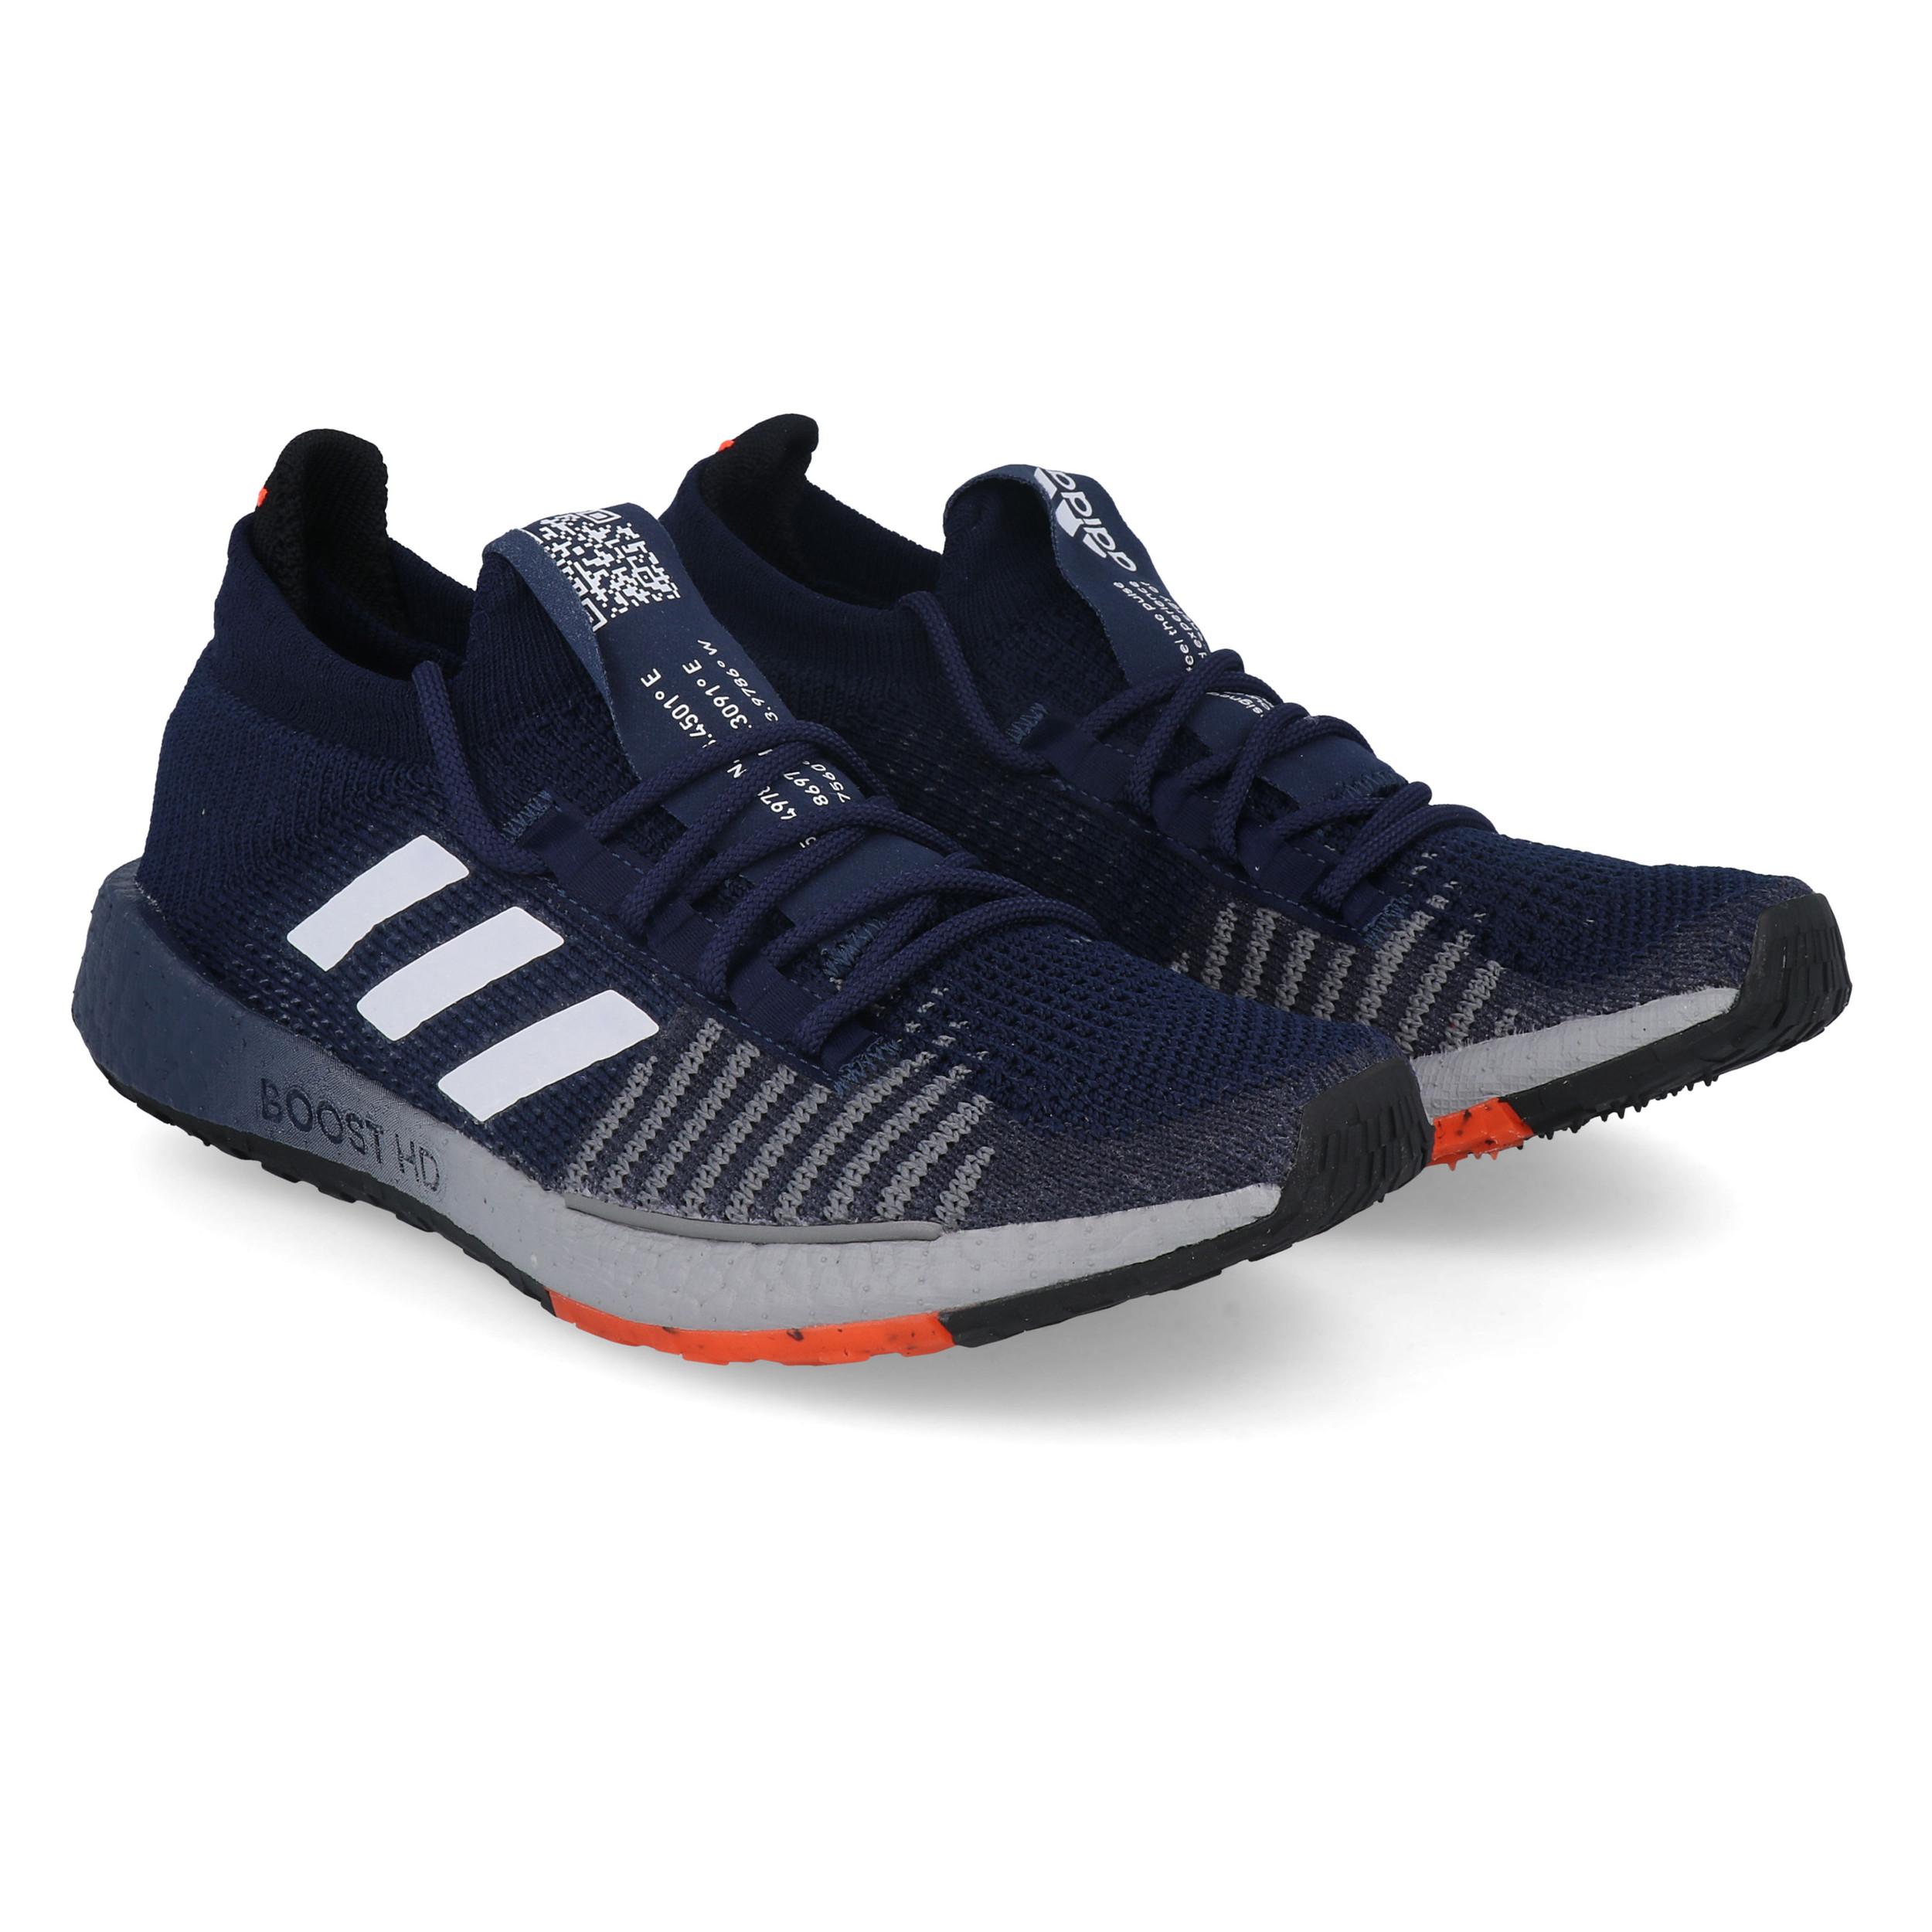 nuove scarpe adidas uomo